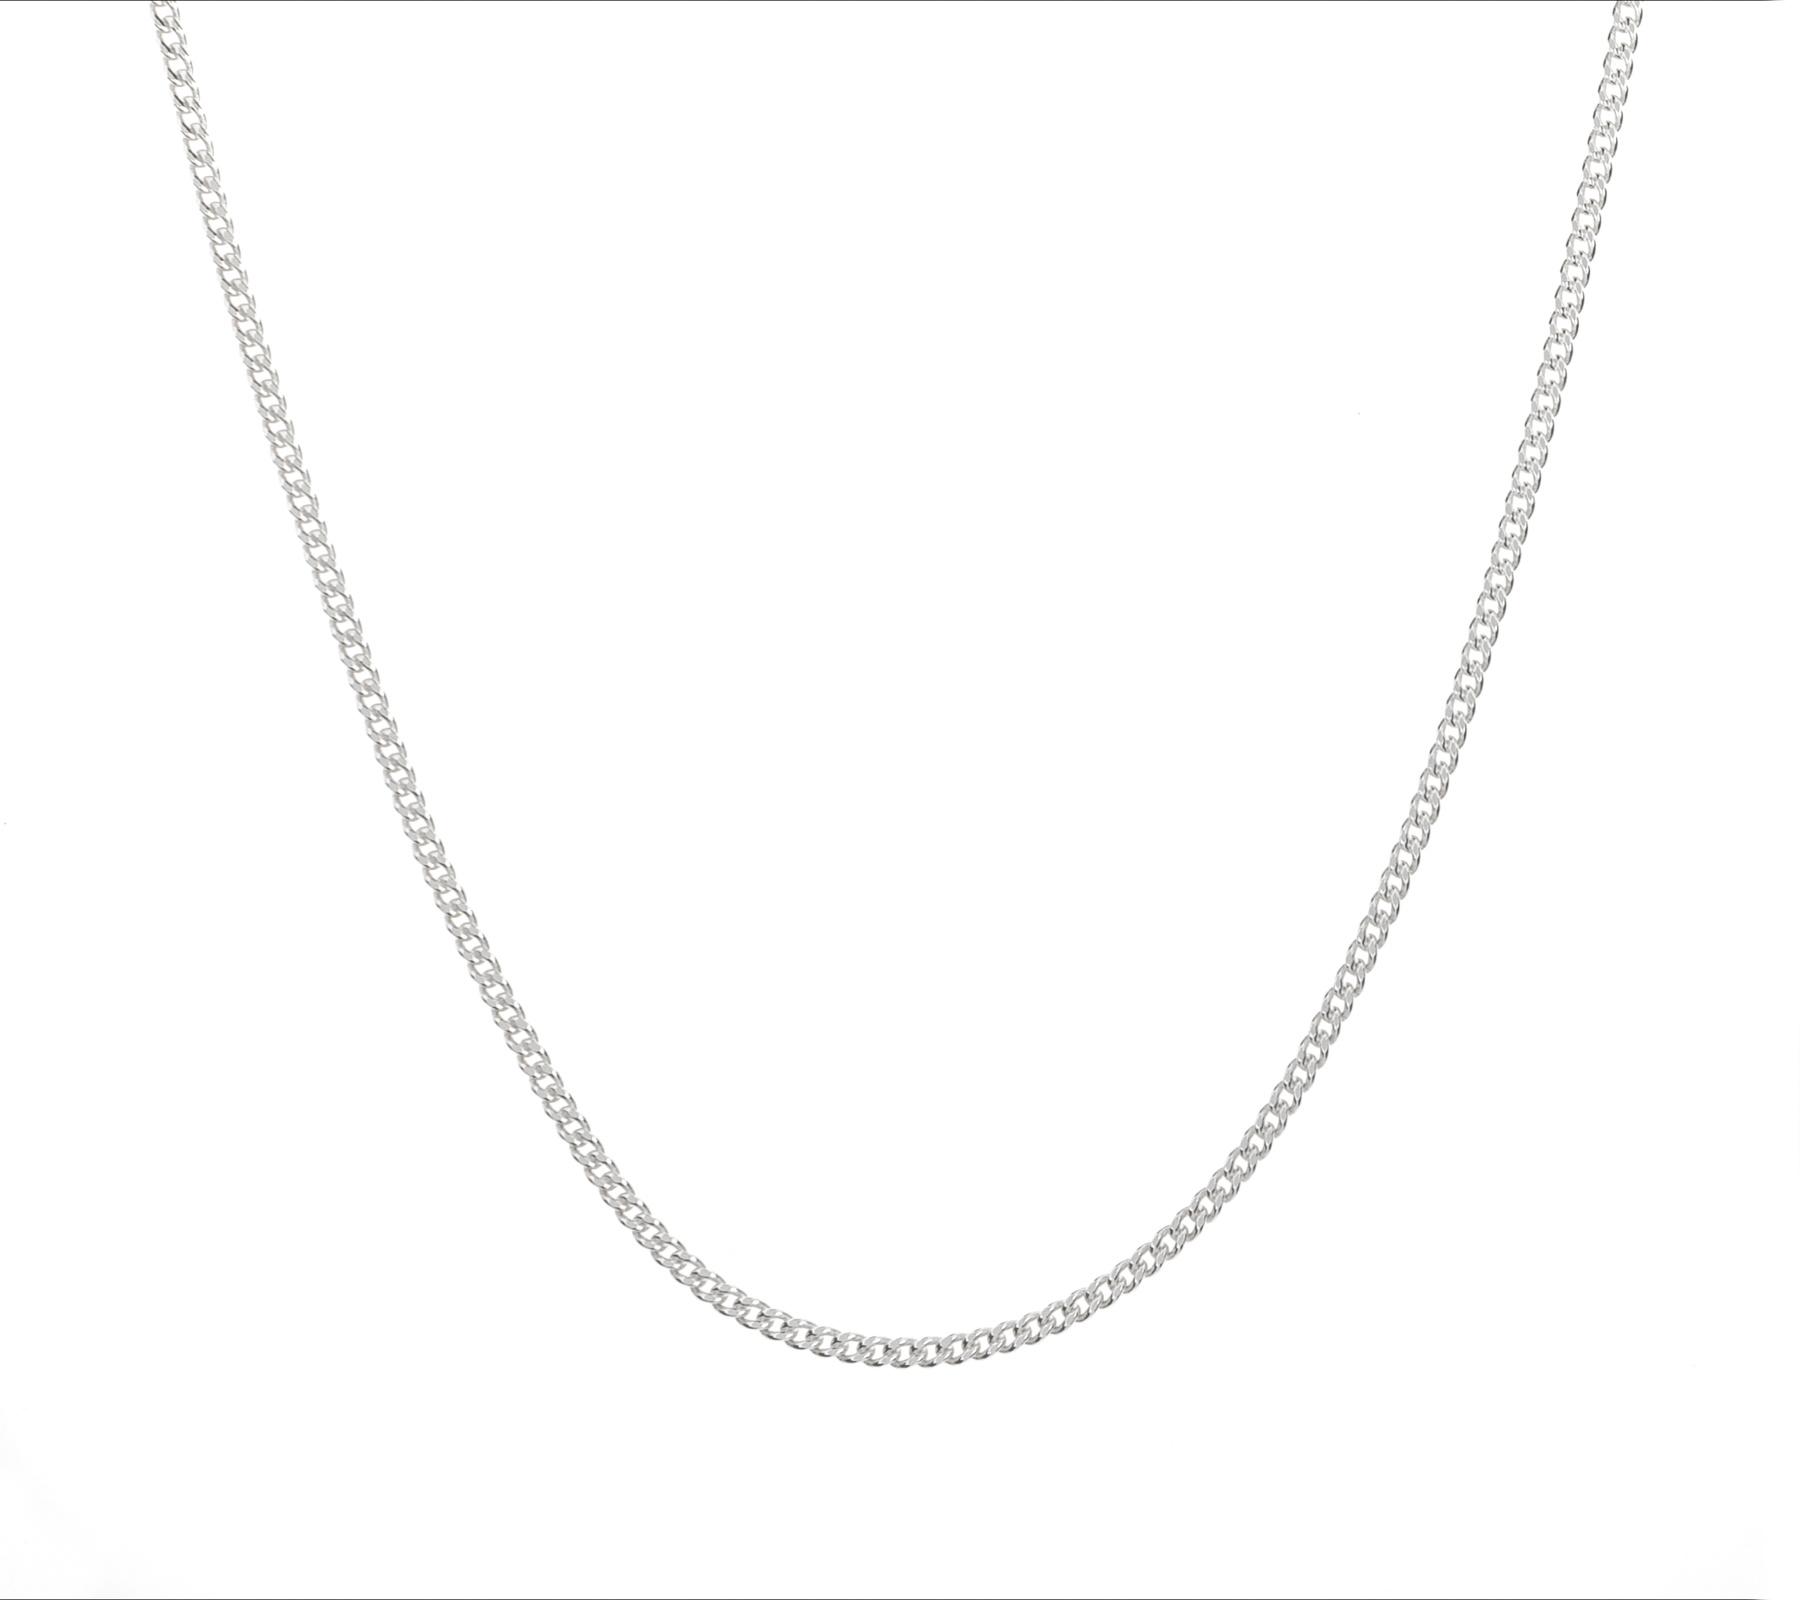 Zilveren ketting gourmet-1